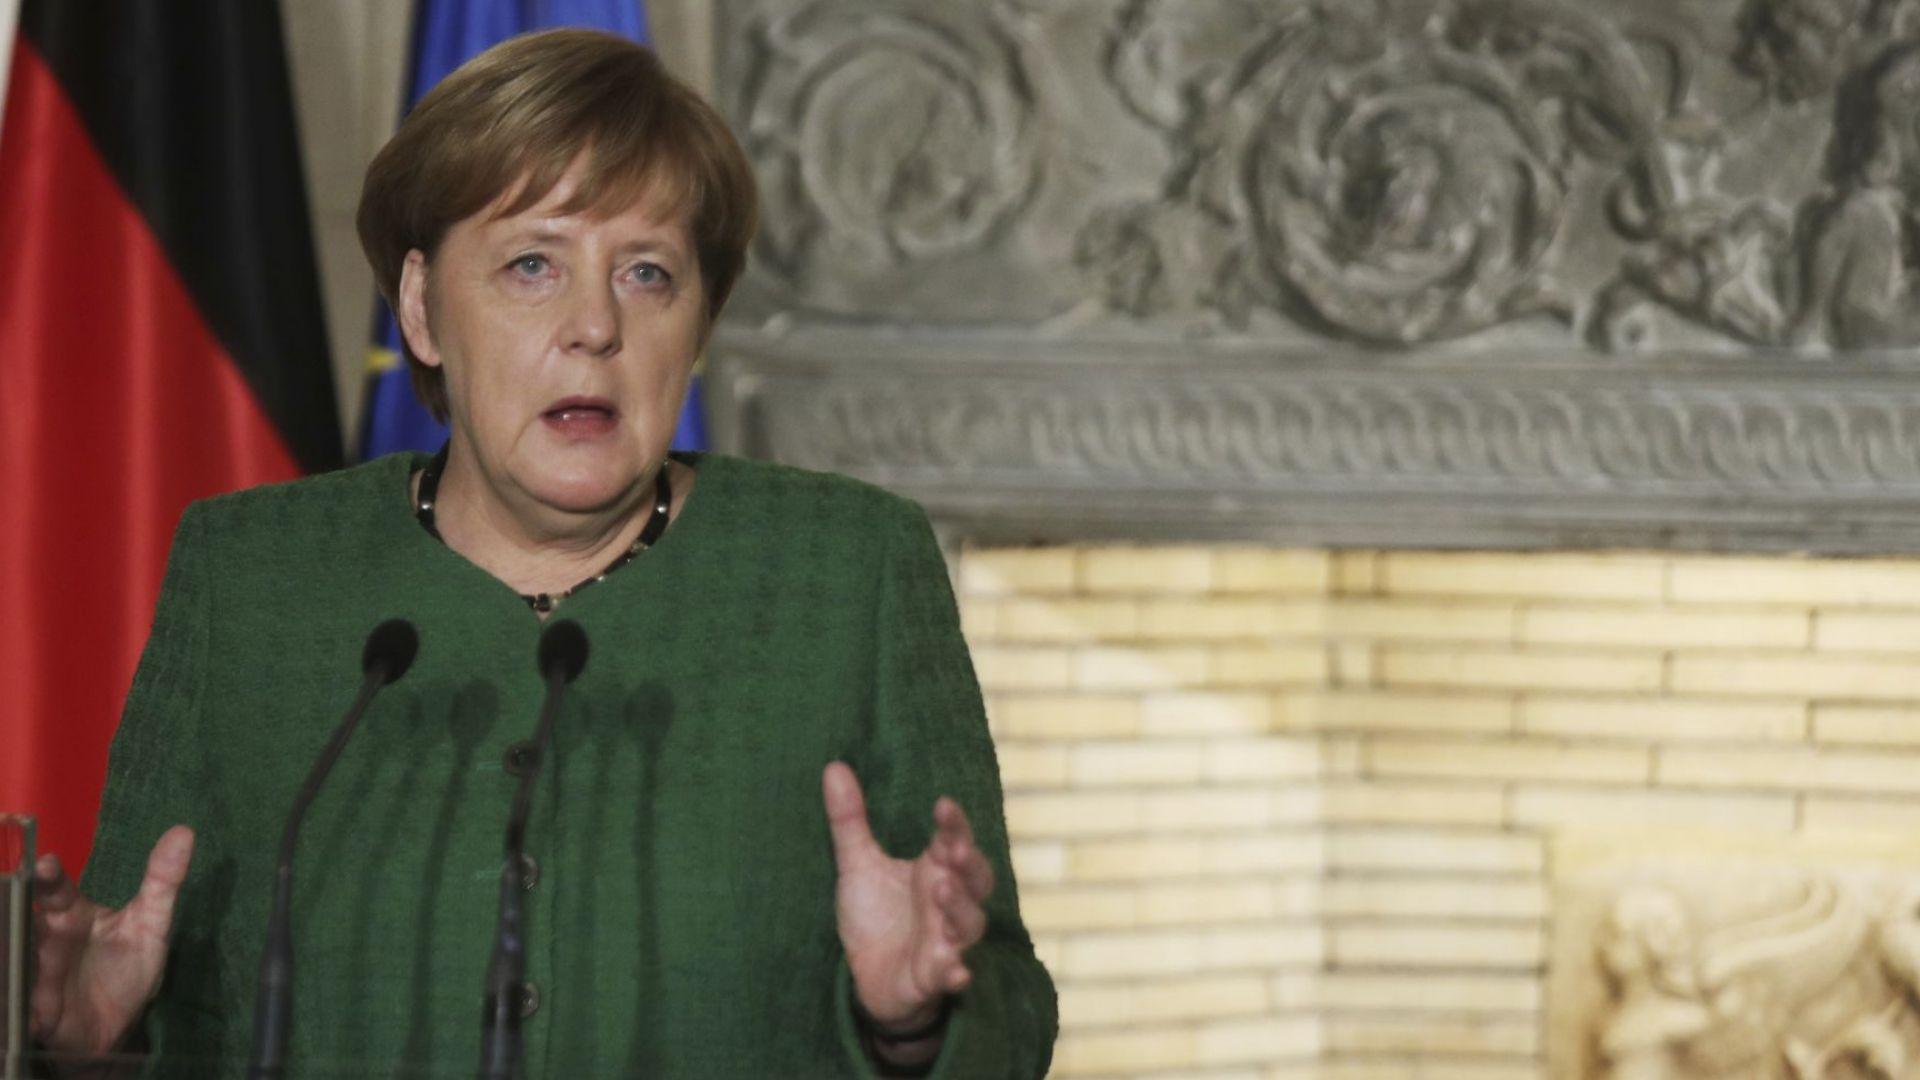 Меркел към Ердоган по телефона: Незабавно прекратете офанзивата в Сирия